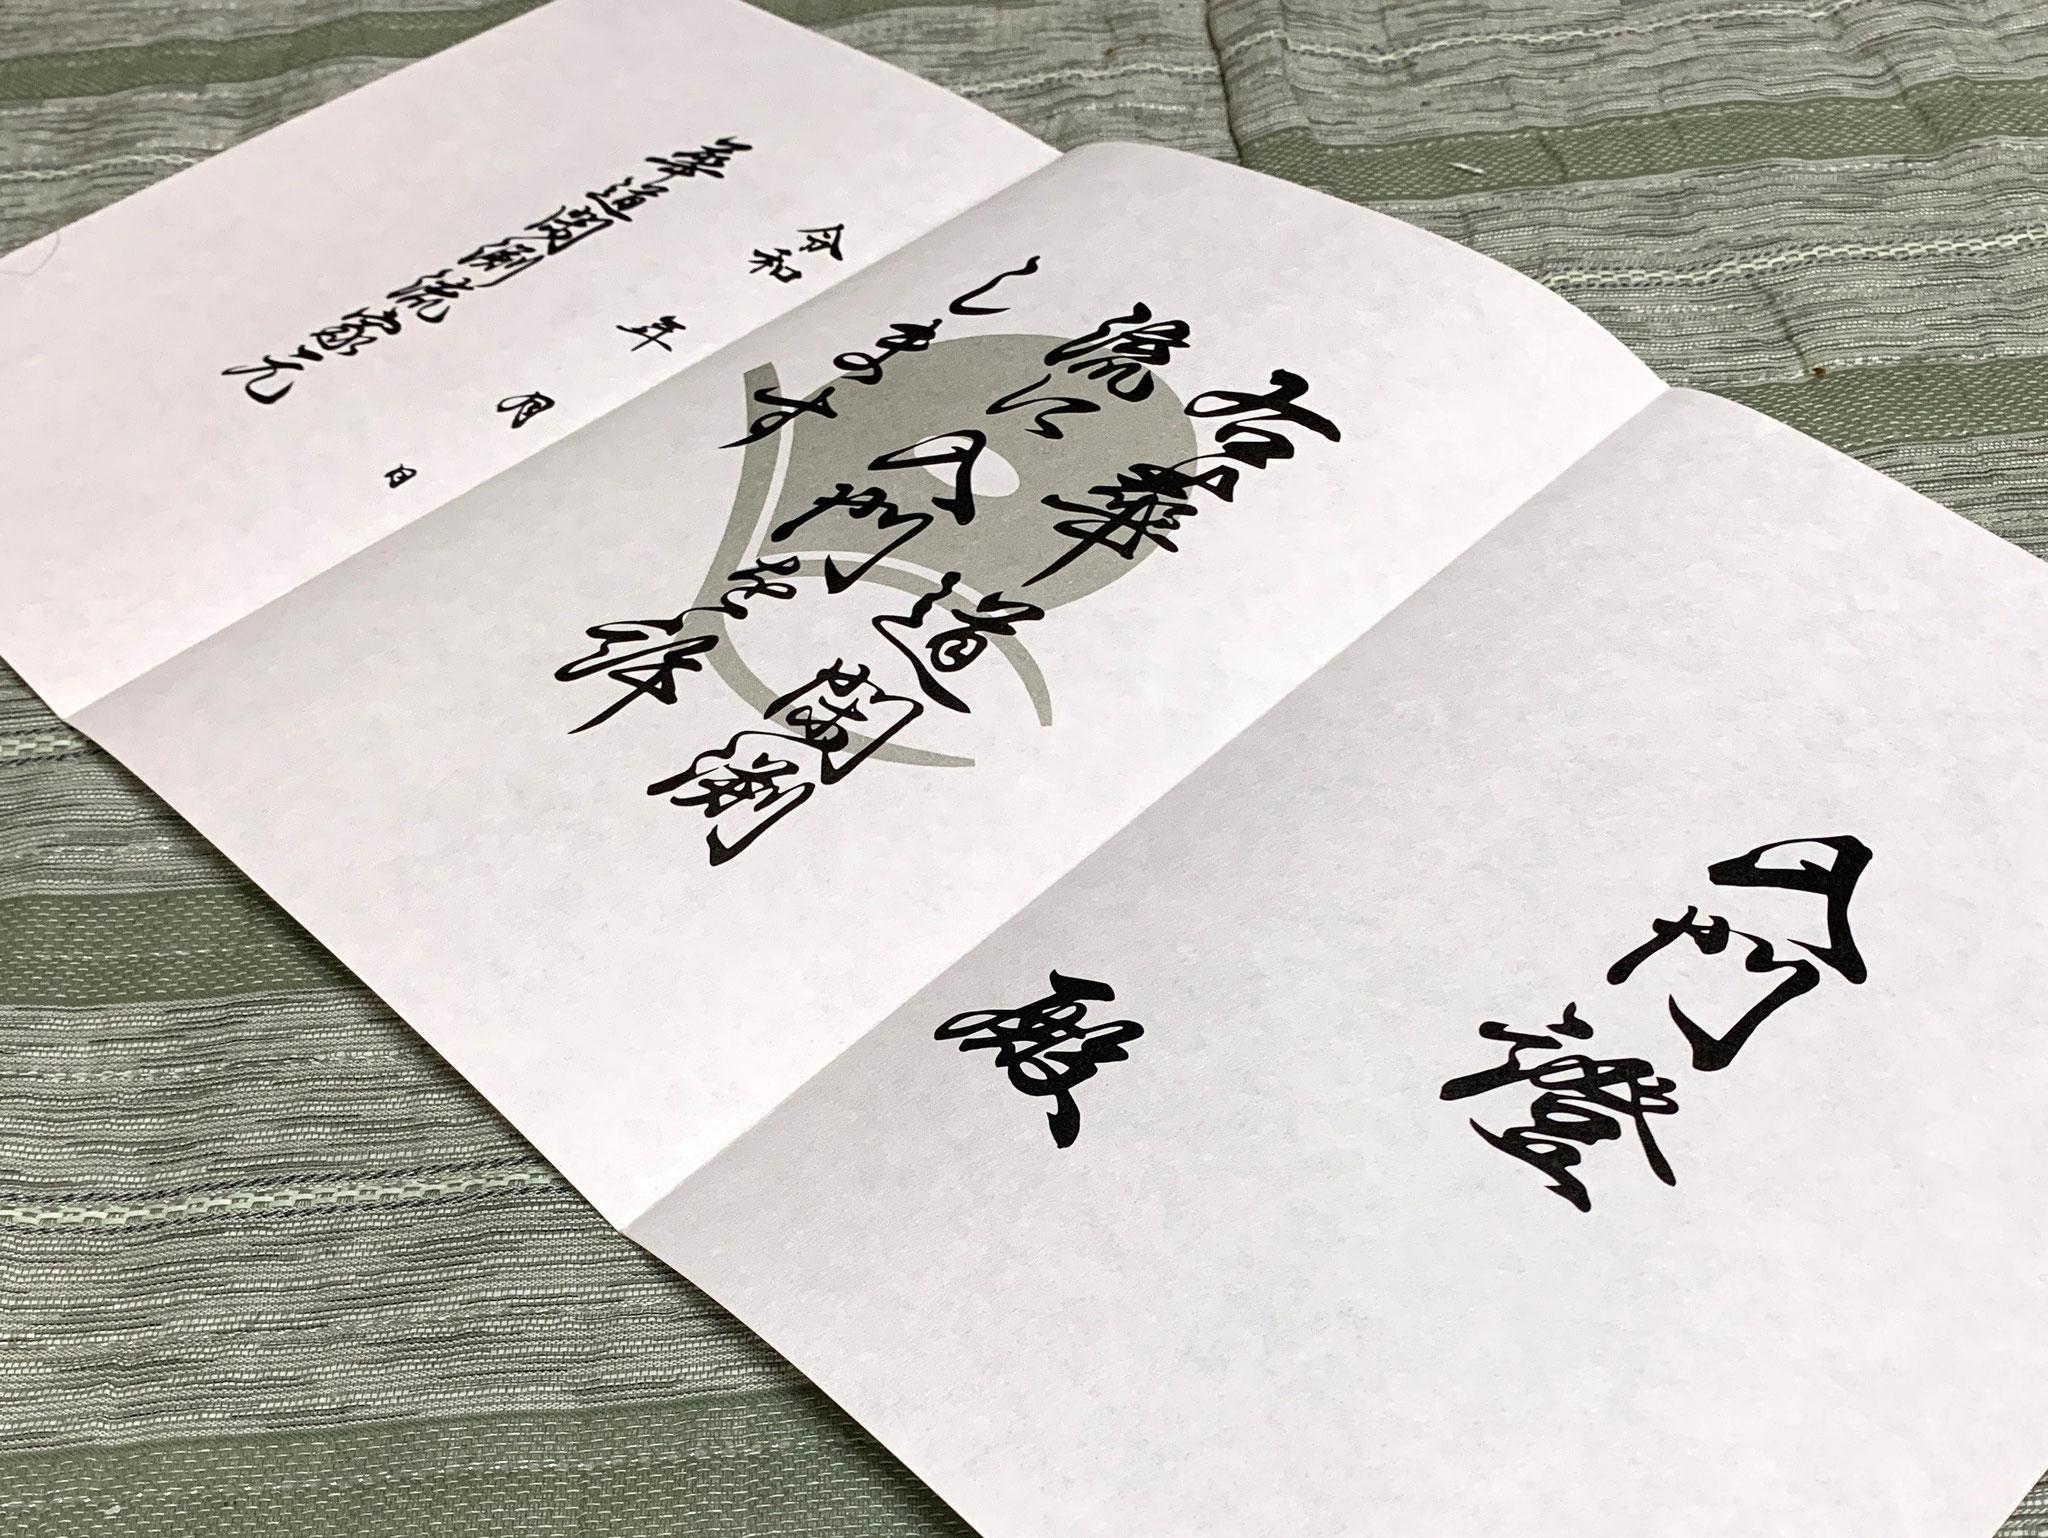 鳥の子紙で3種類の免状用紙を作製しました